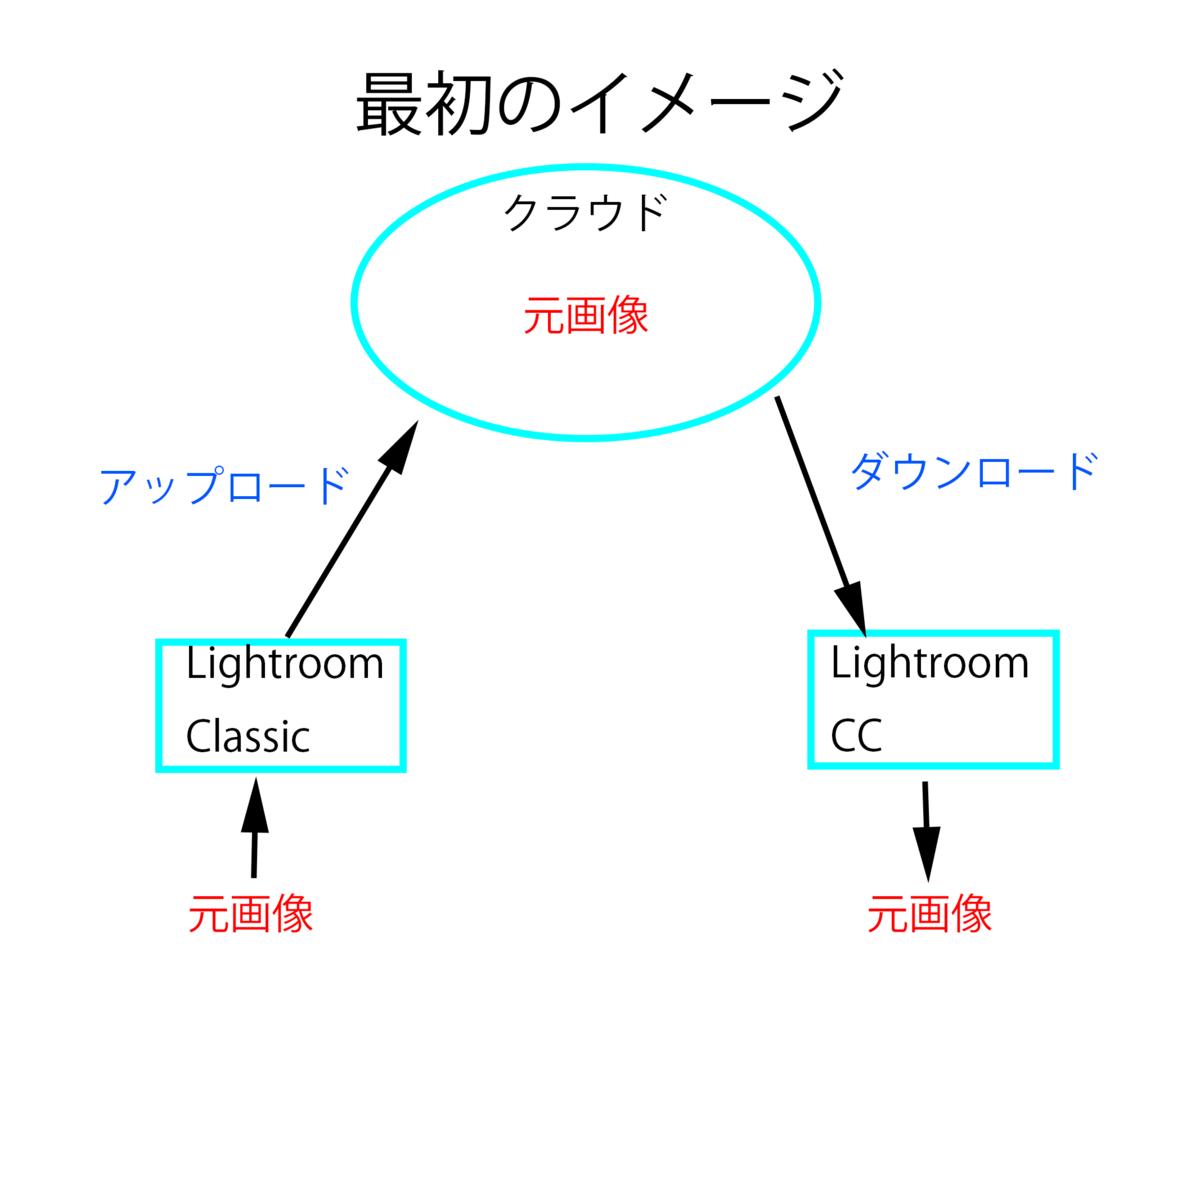 f:id:fornax:20200726231432p:plain